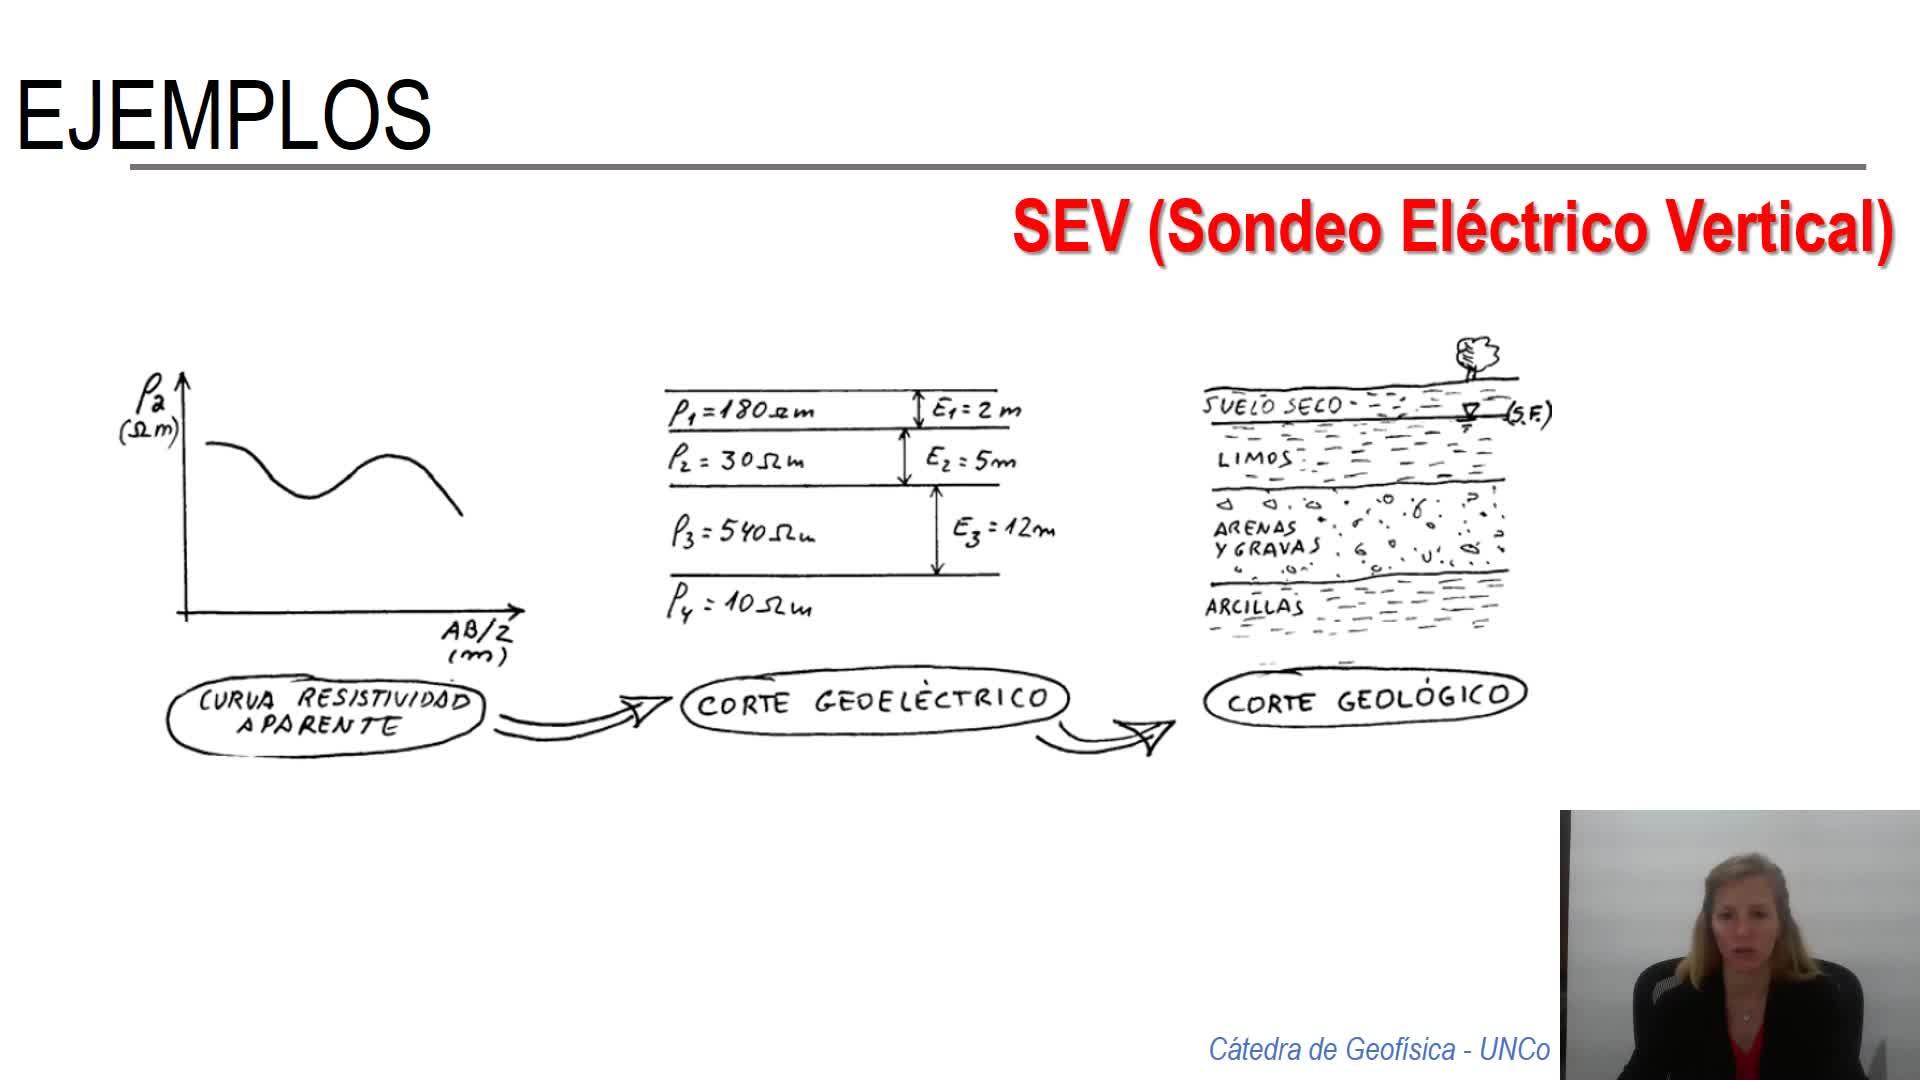 Geofísica - Geoeléctrica - clase teórica parte 2 de 2